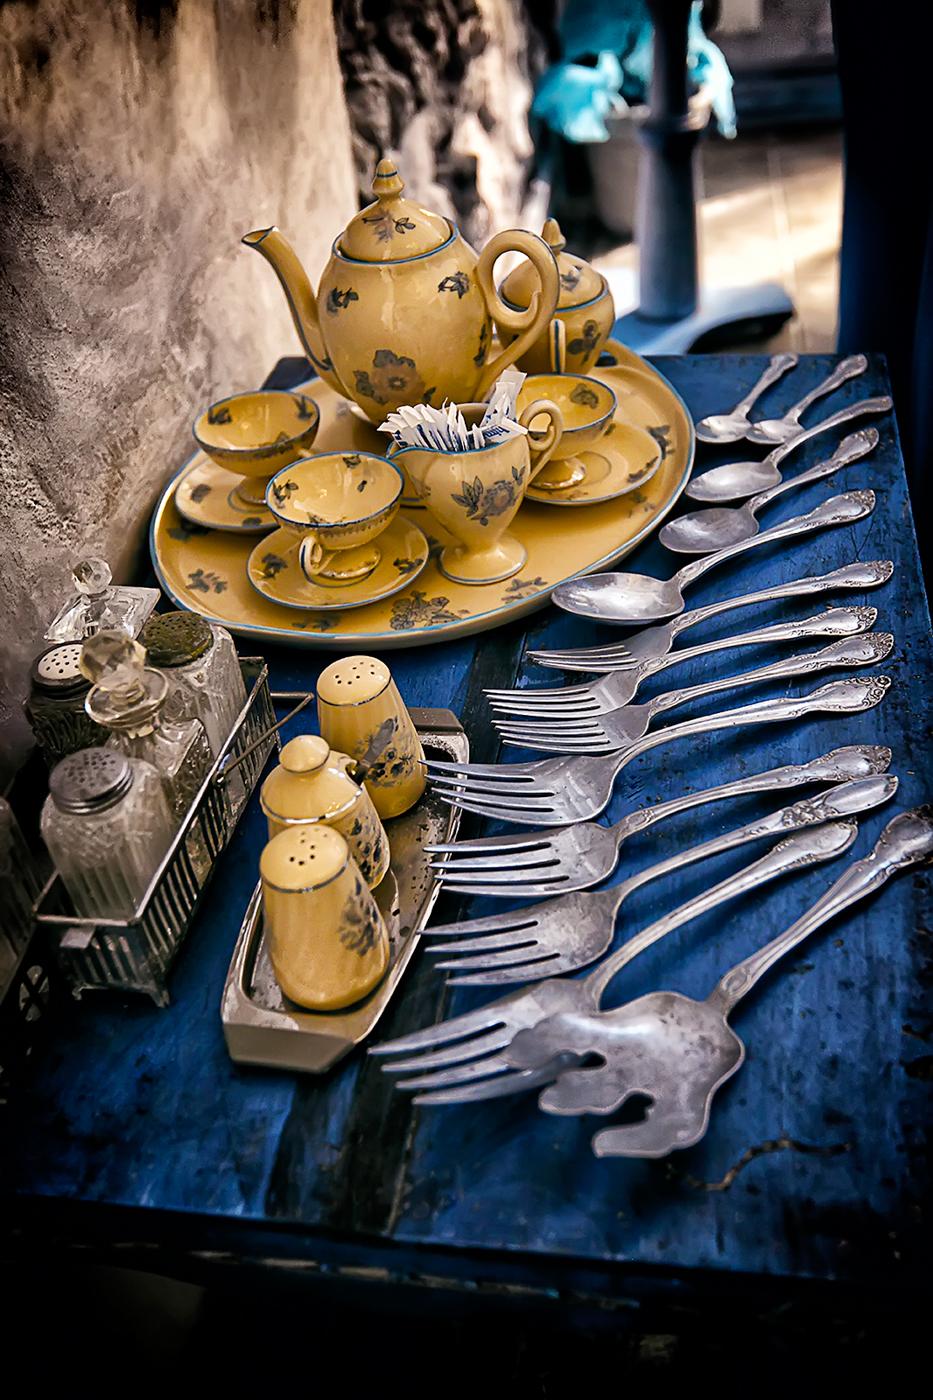 Tableware '15 © EK Waller